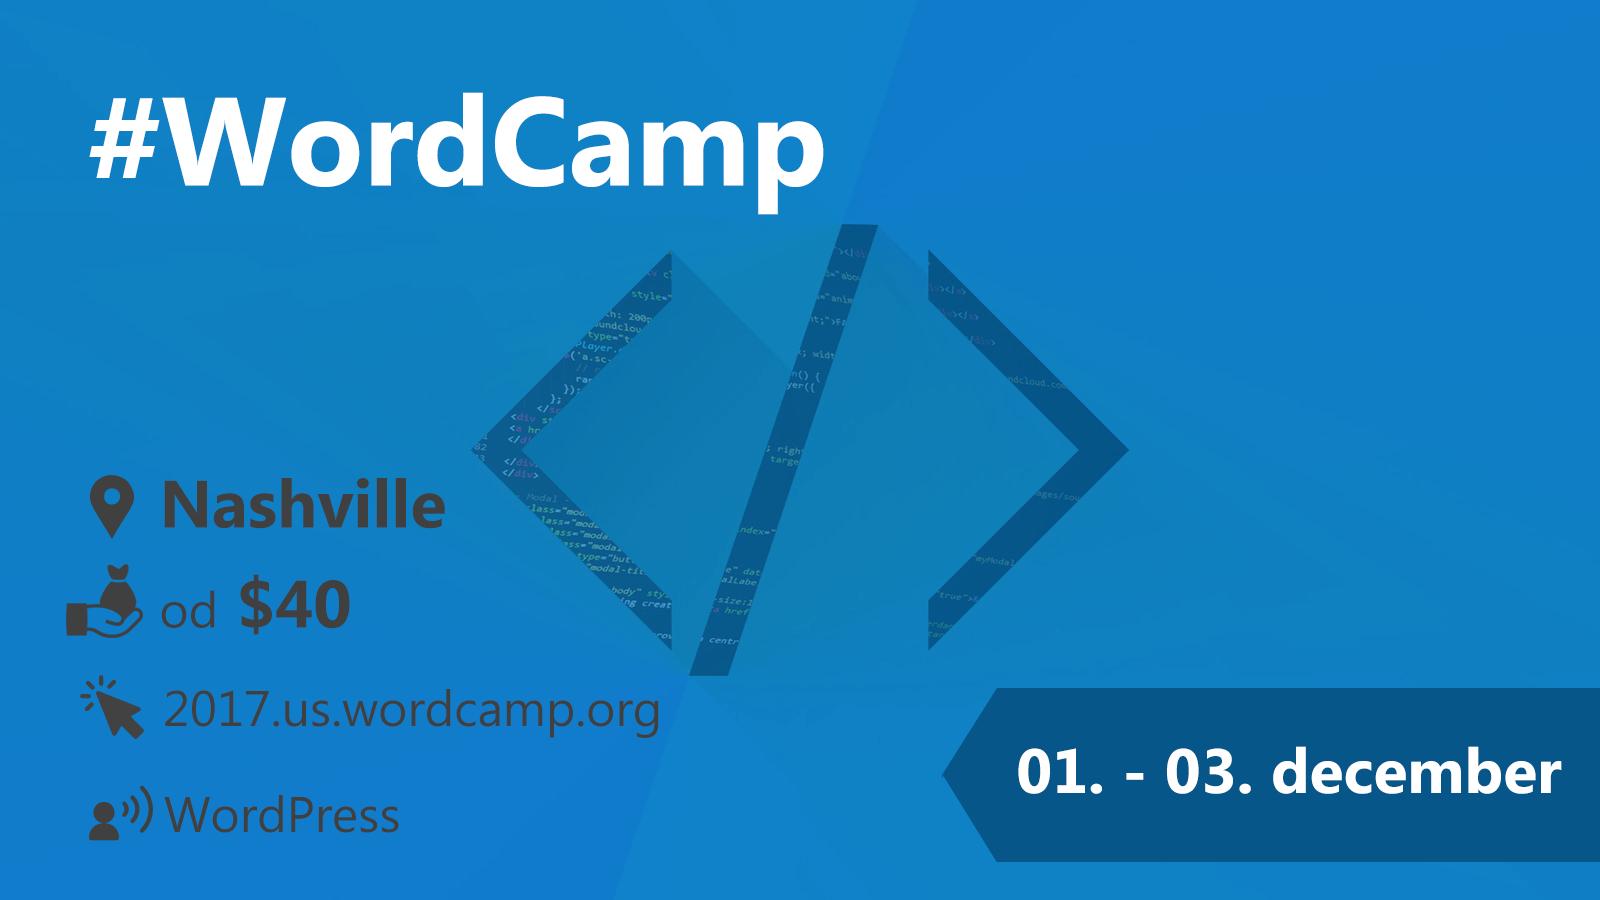 #WordCamp 01.-03. 12